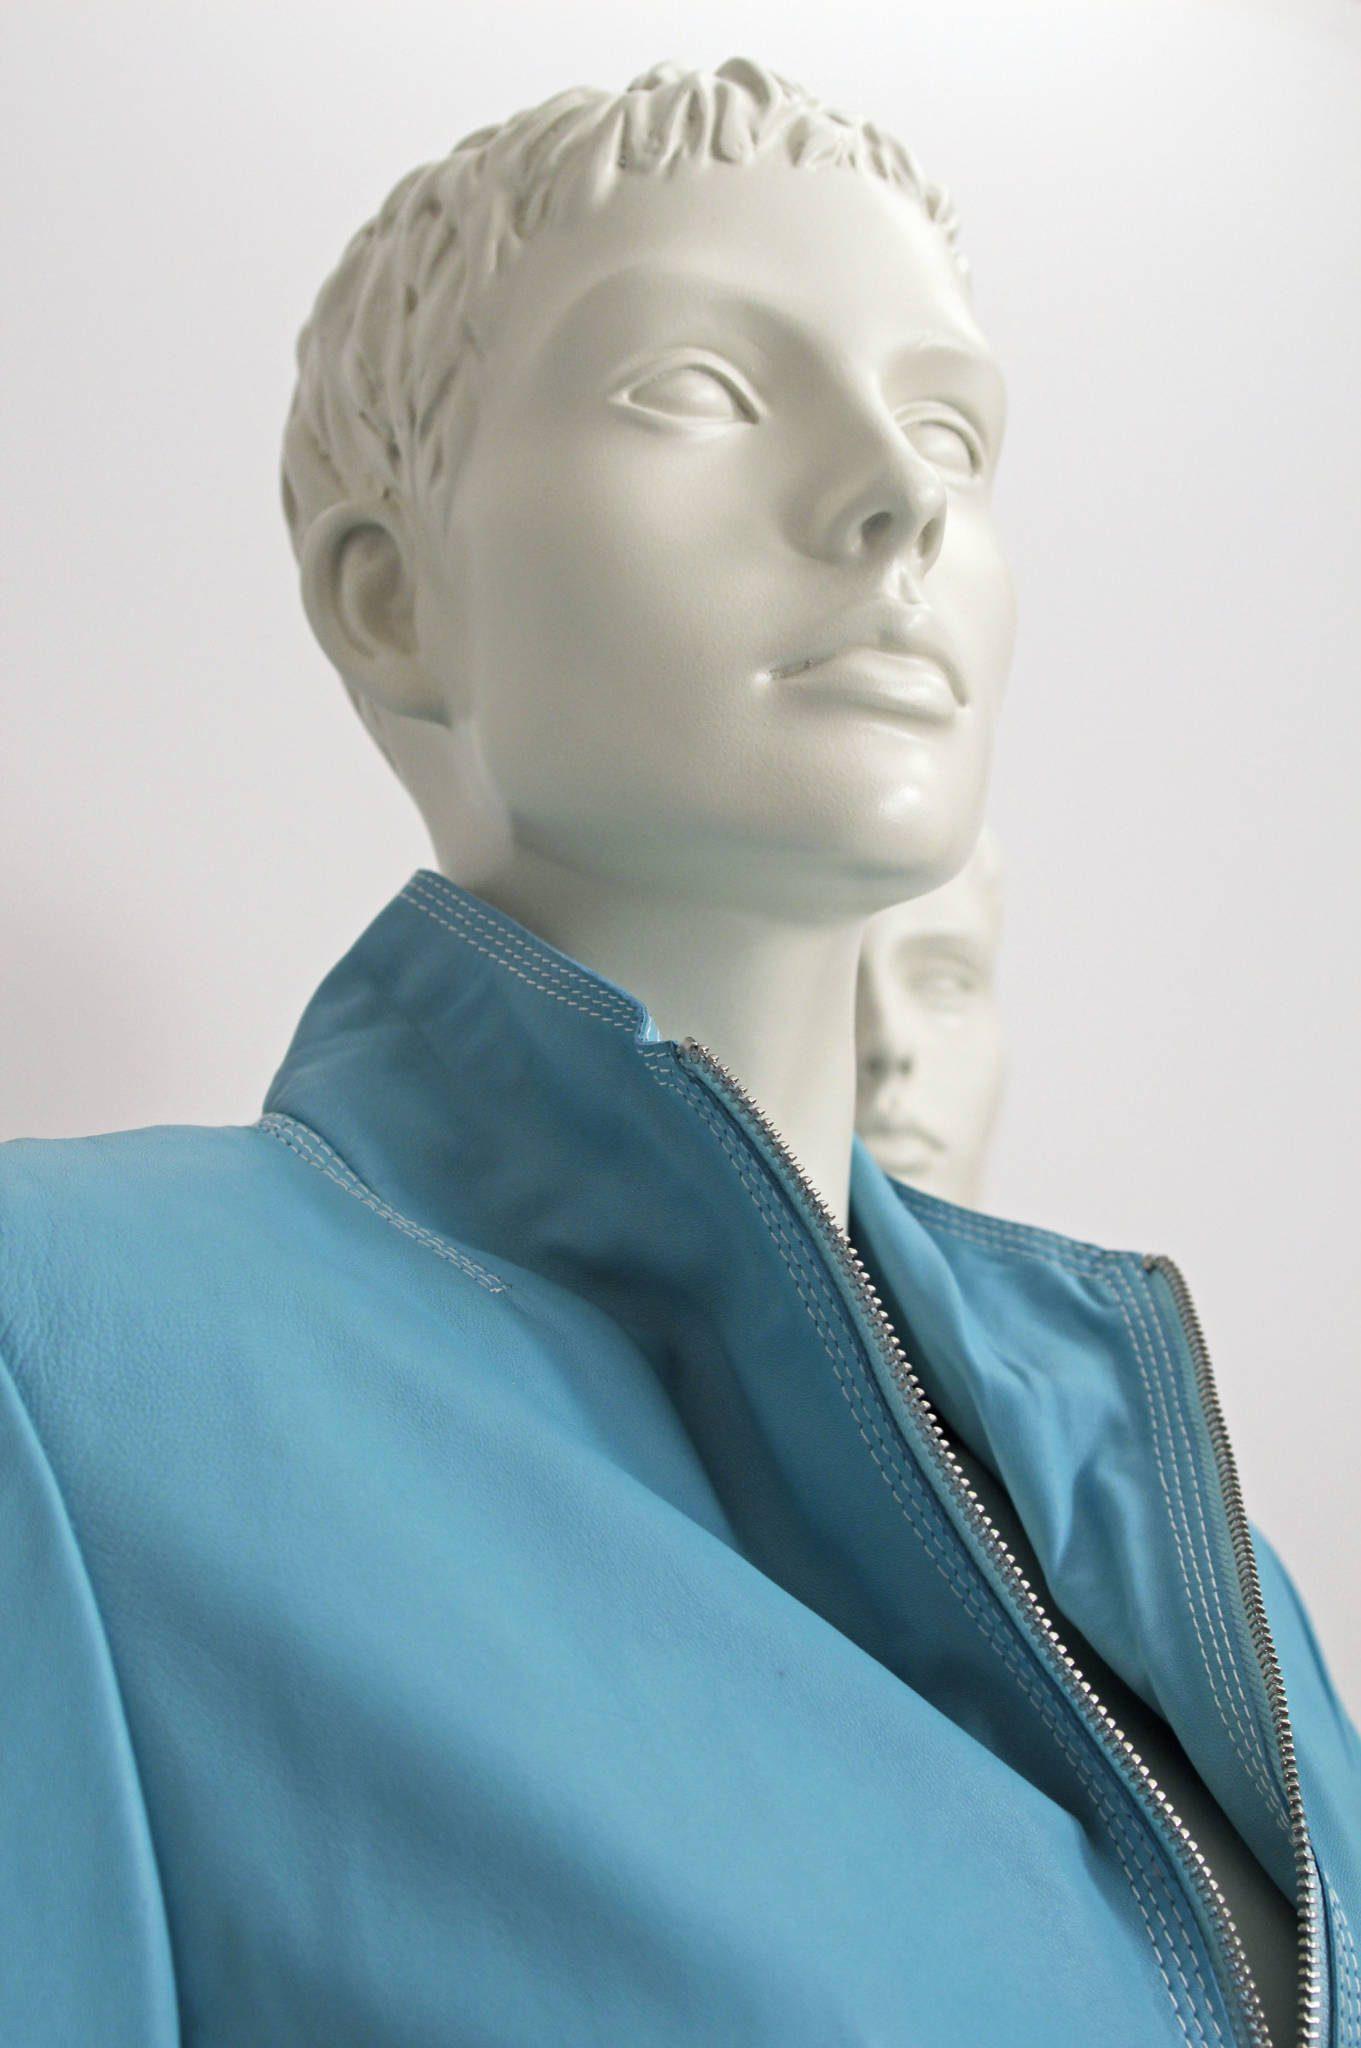 Stilistisk dame mannequin med formstøbt hår